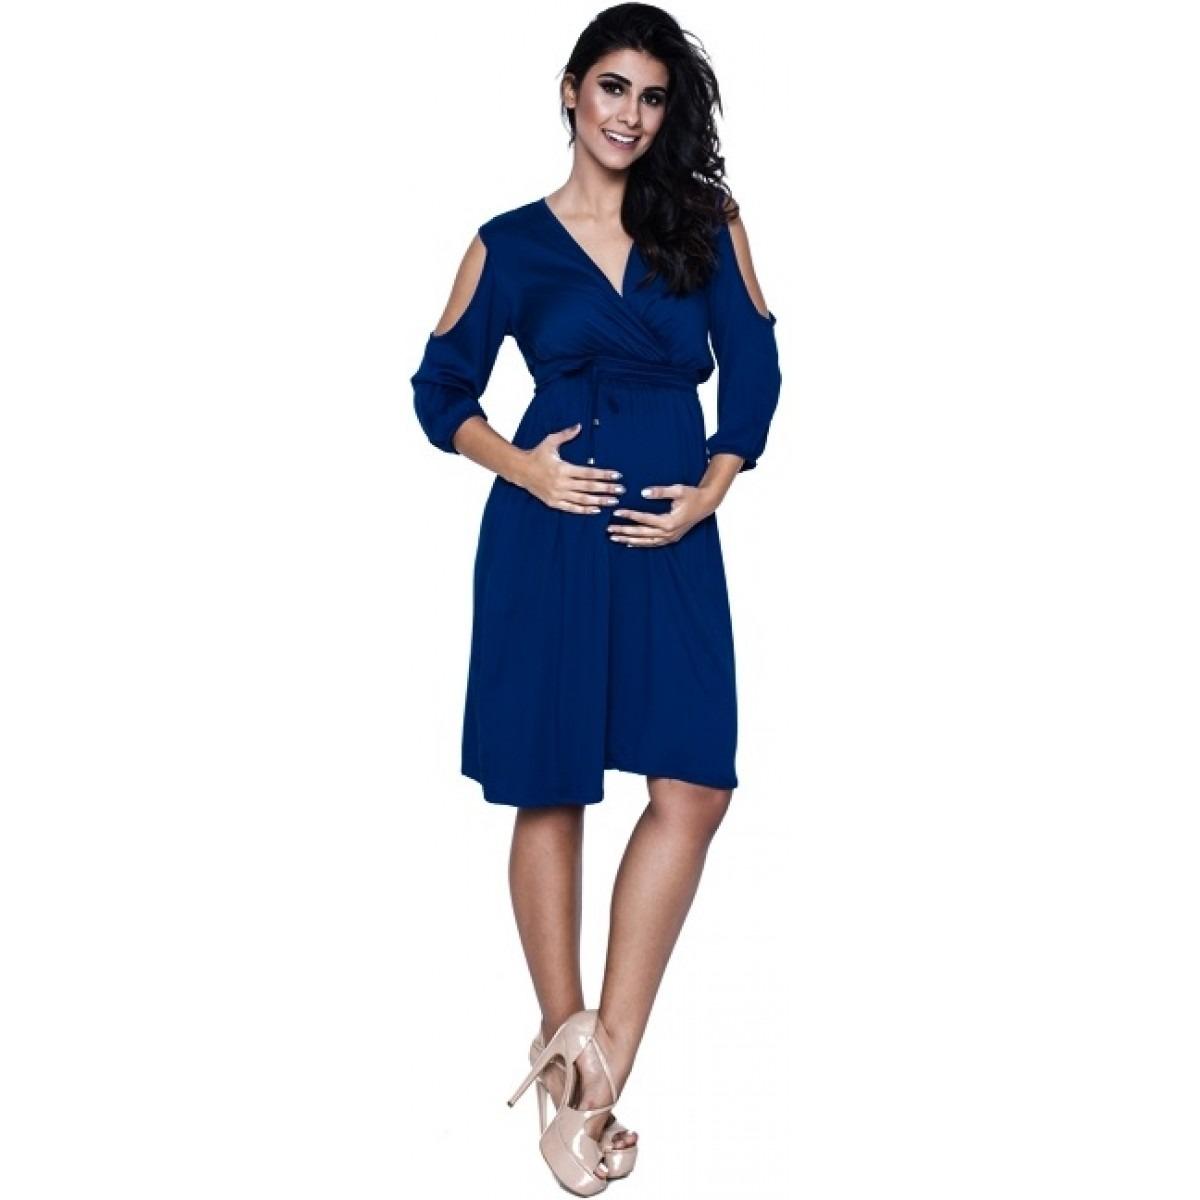 Vestido azul marinho gestante